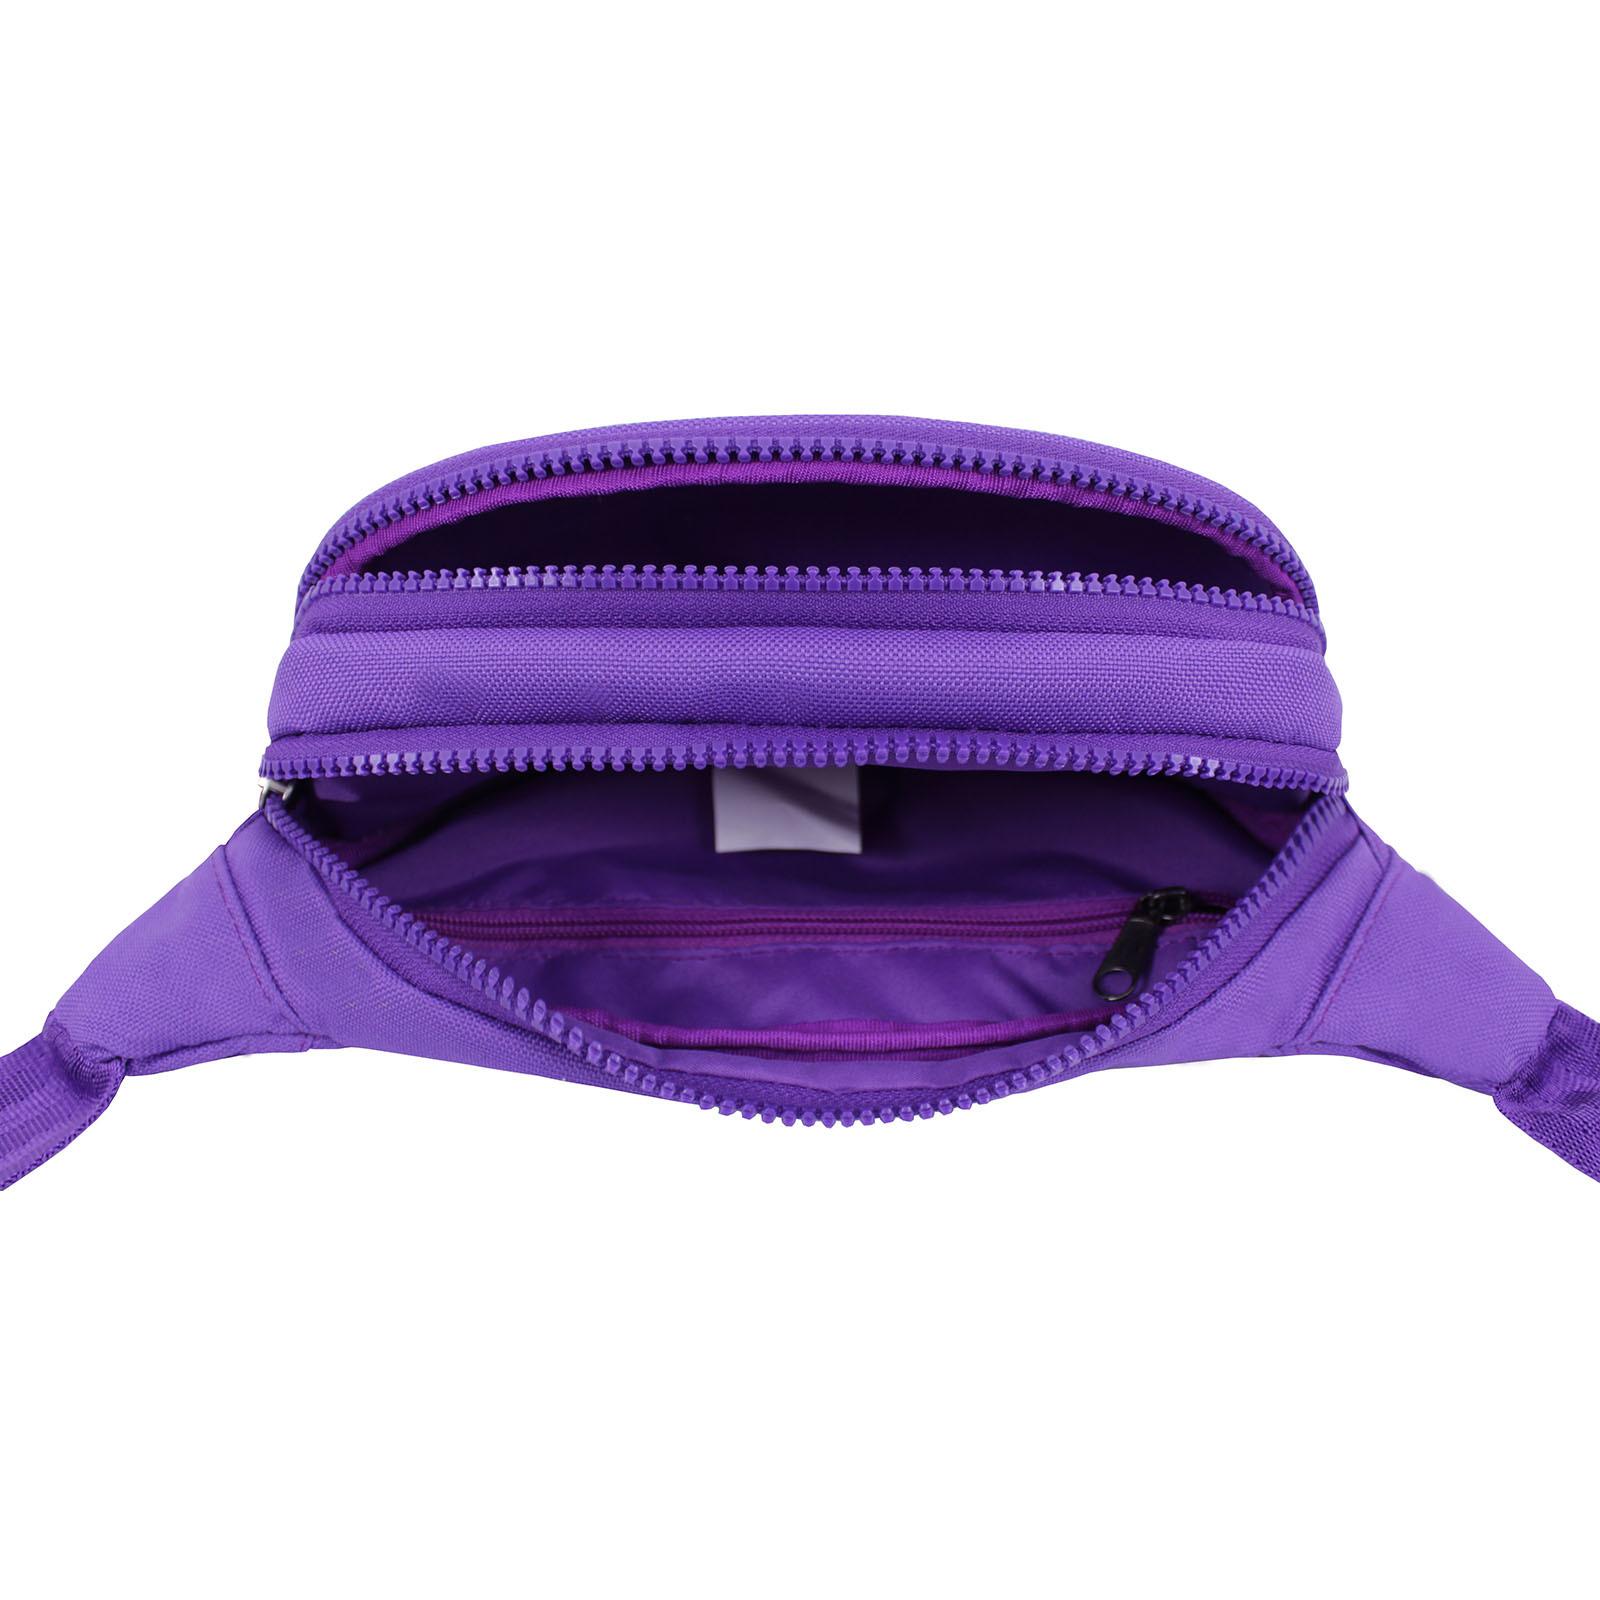 Барсетка Bagland Bella 2 л. 339 фиолетовый (0020266) фото 4